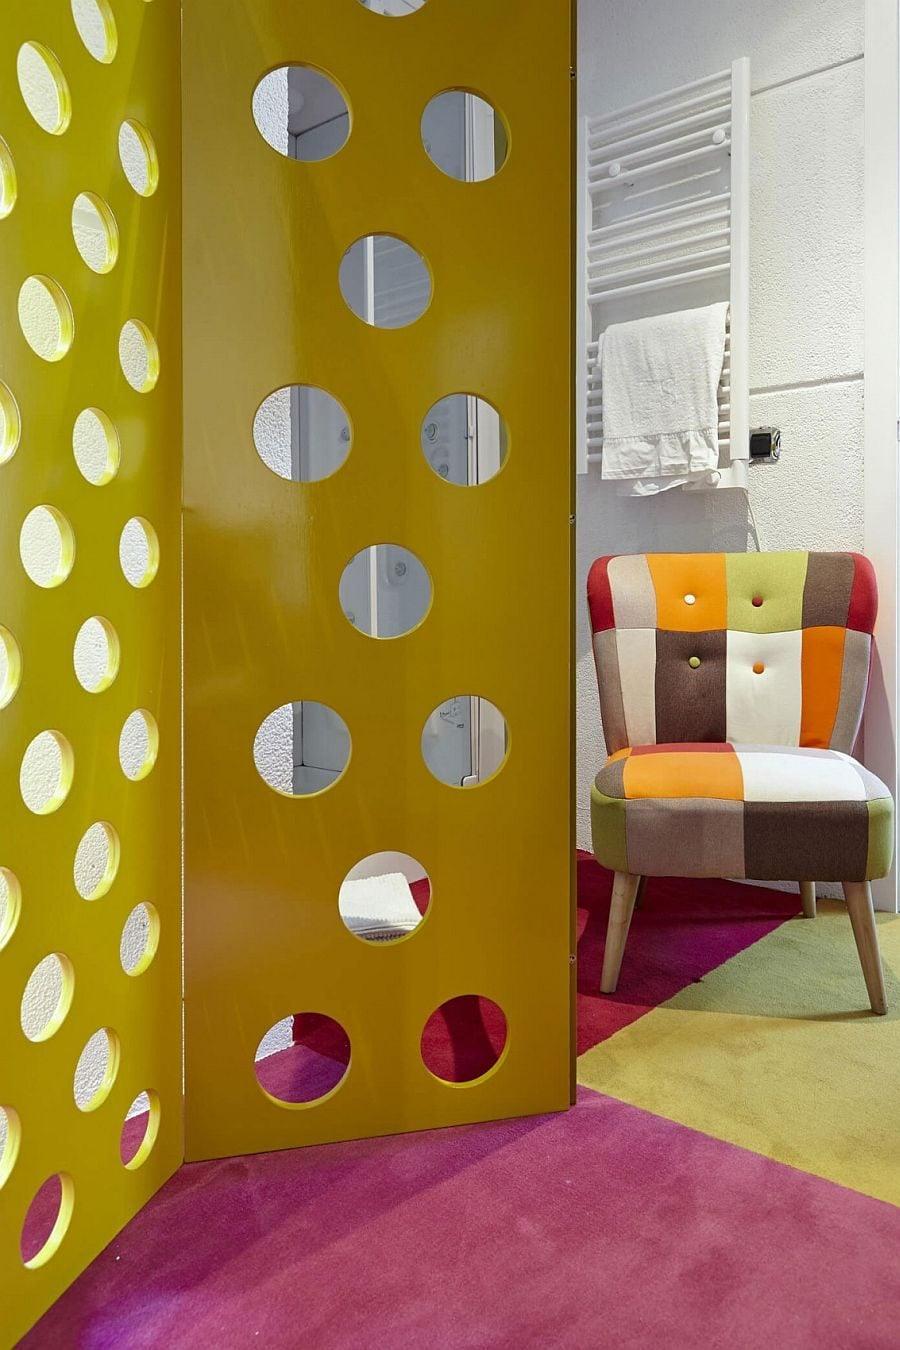 1039 Thiết kế nội thất táo bạo và đầy màu sắc của ngôi nhà tại Tây Ban Nha qpdesign